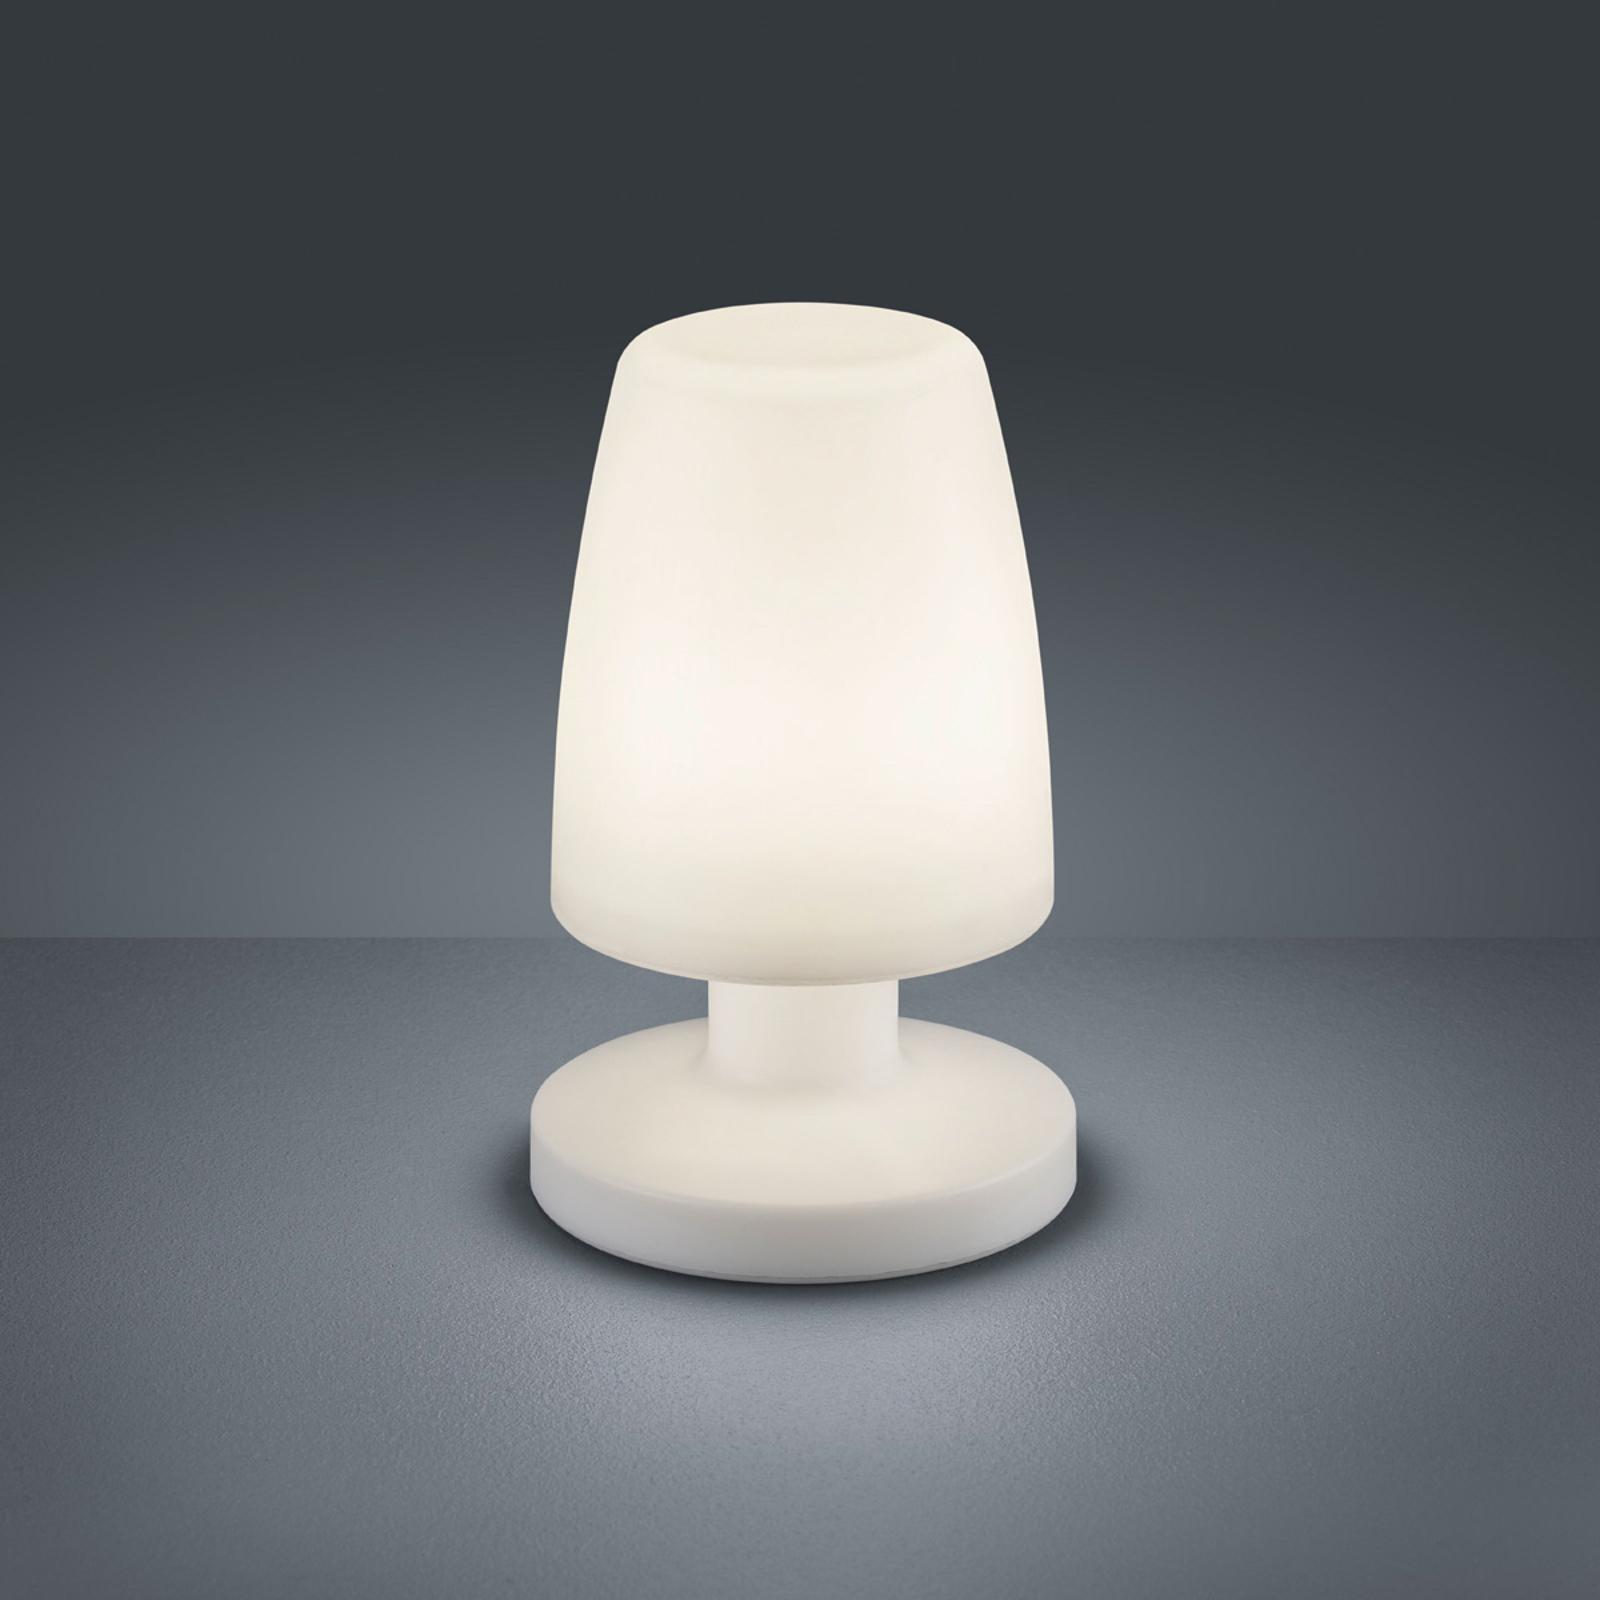 LED-Tischleuchte Dora, akkubetrieben, für außen